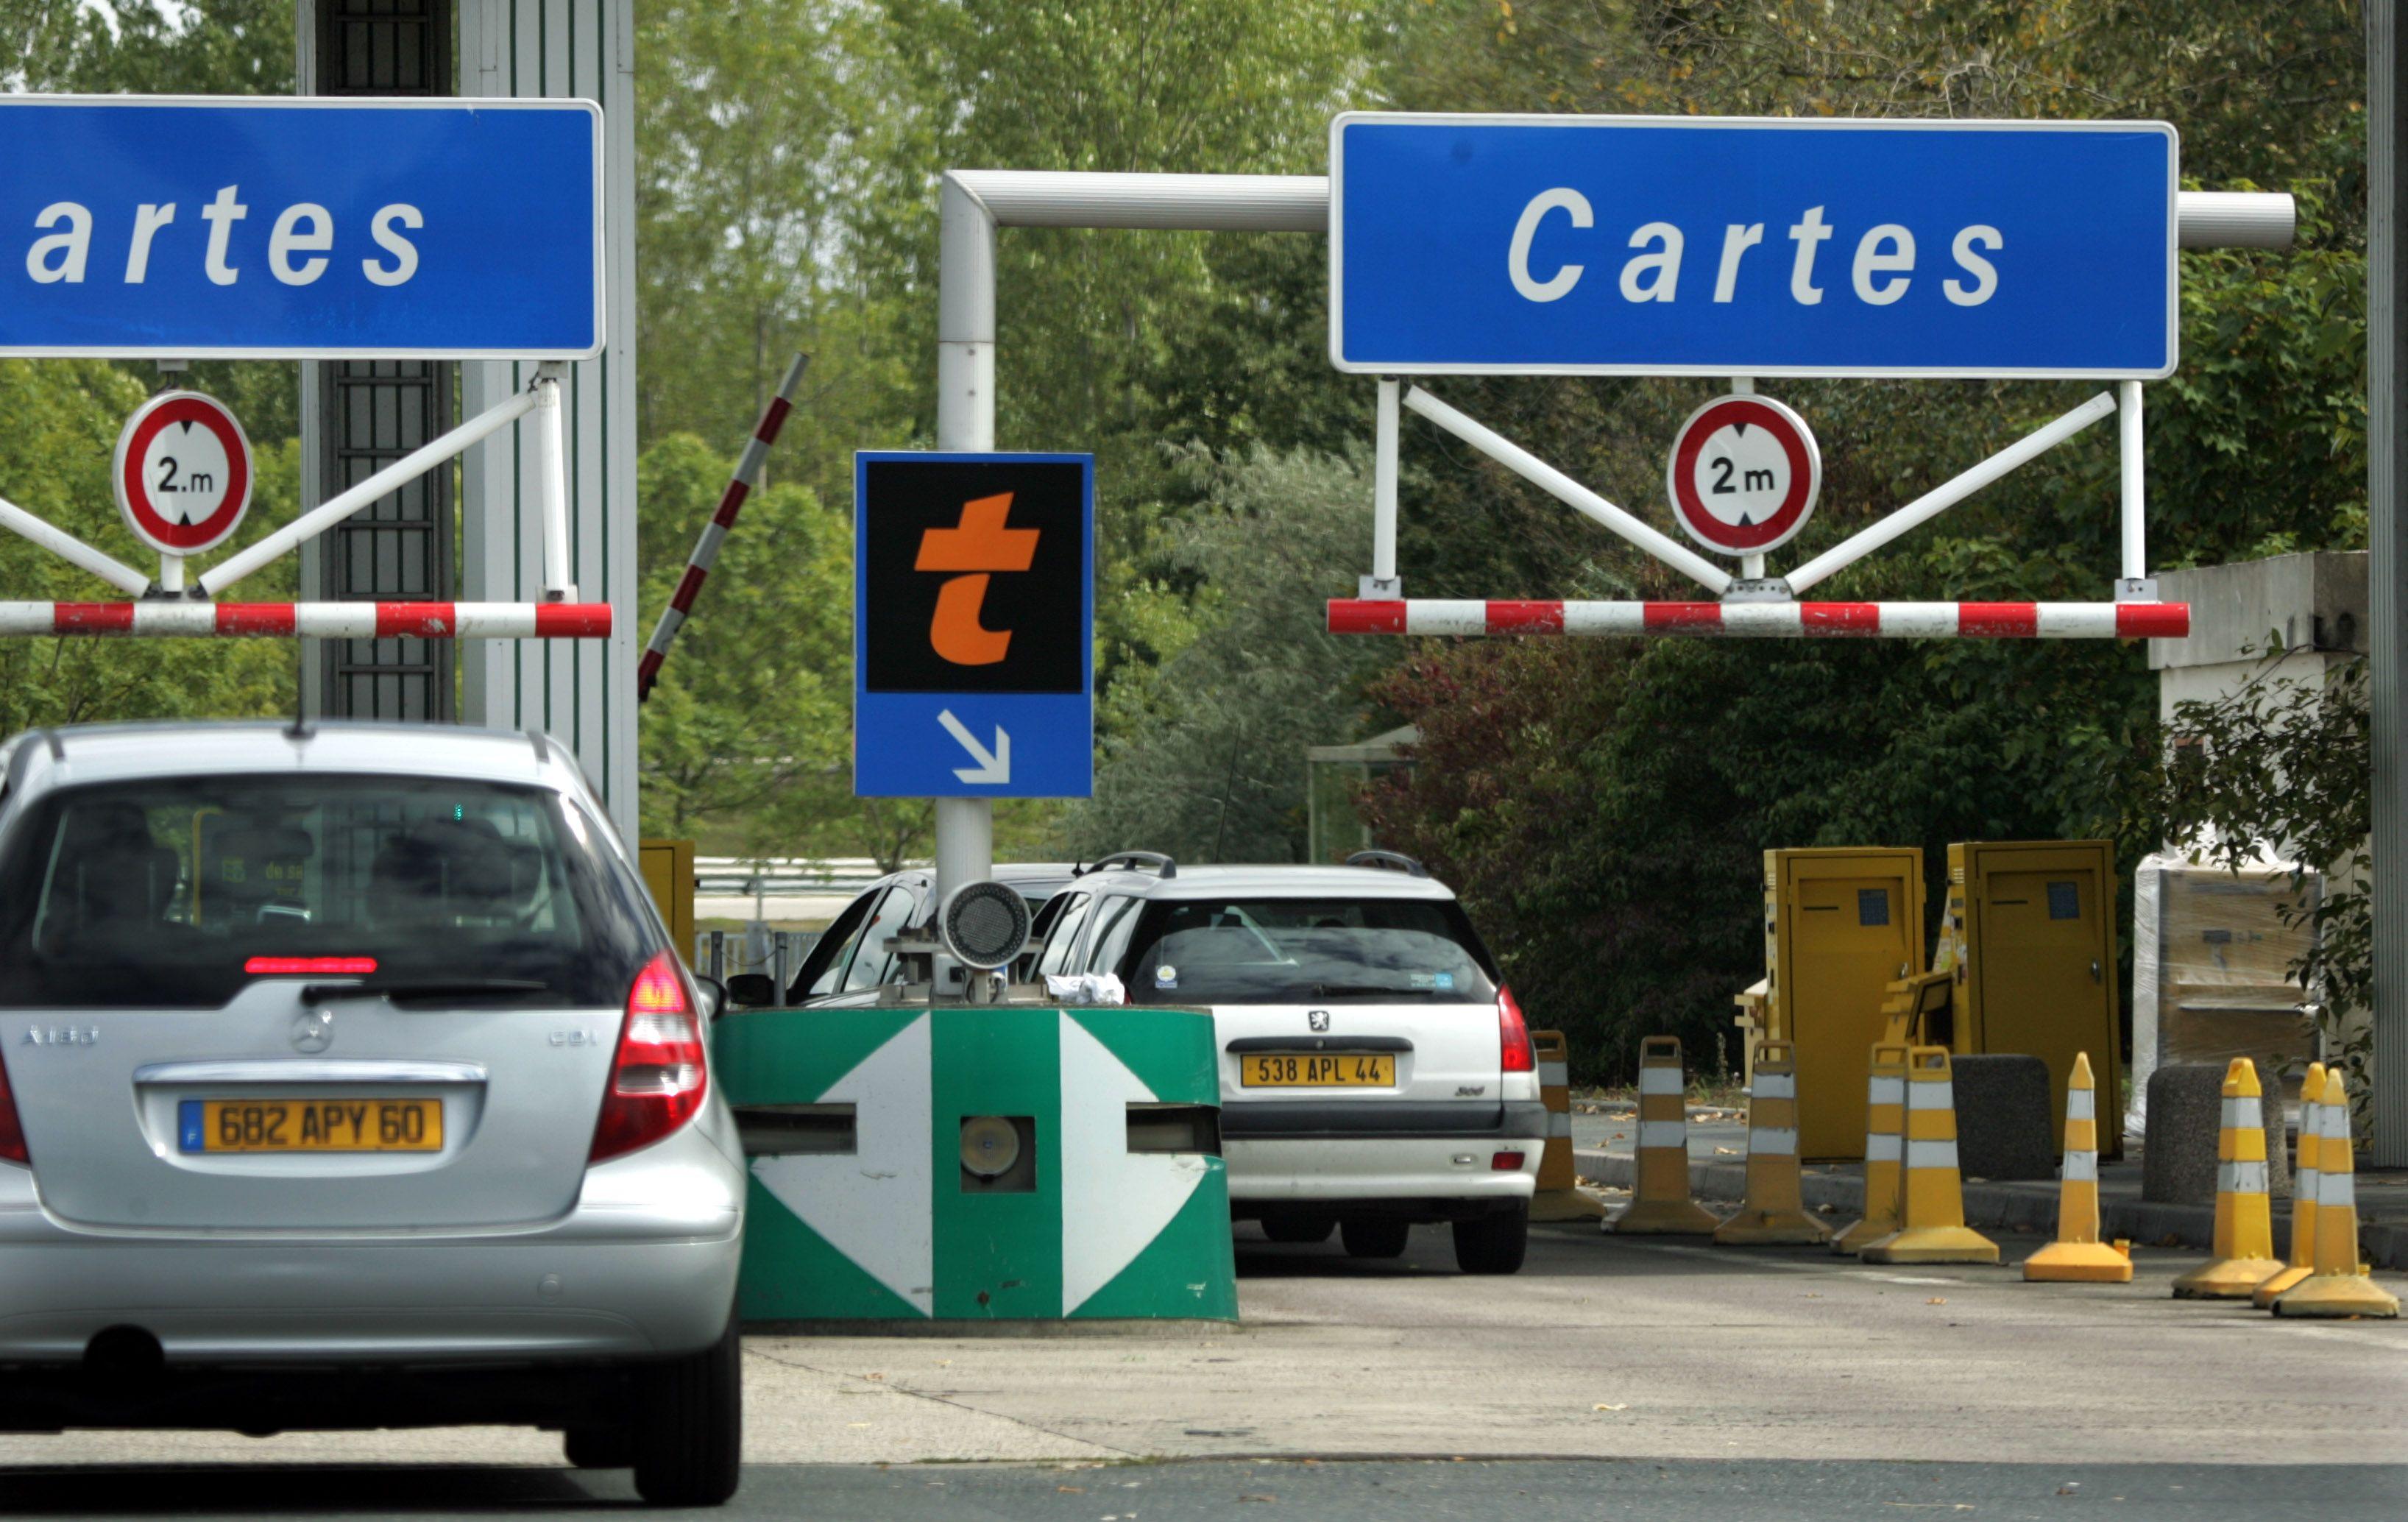 Le groupe Vinci accusera les plus fortes hausses de tarif autoroutier par le biais de ses sociétés Cofiroute (+0.91%) et ASF (+1.23%)